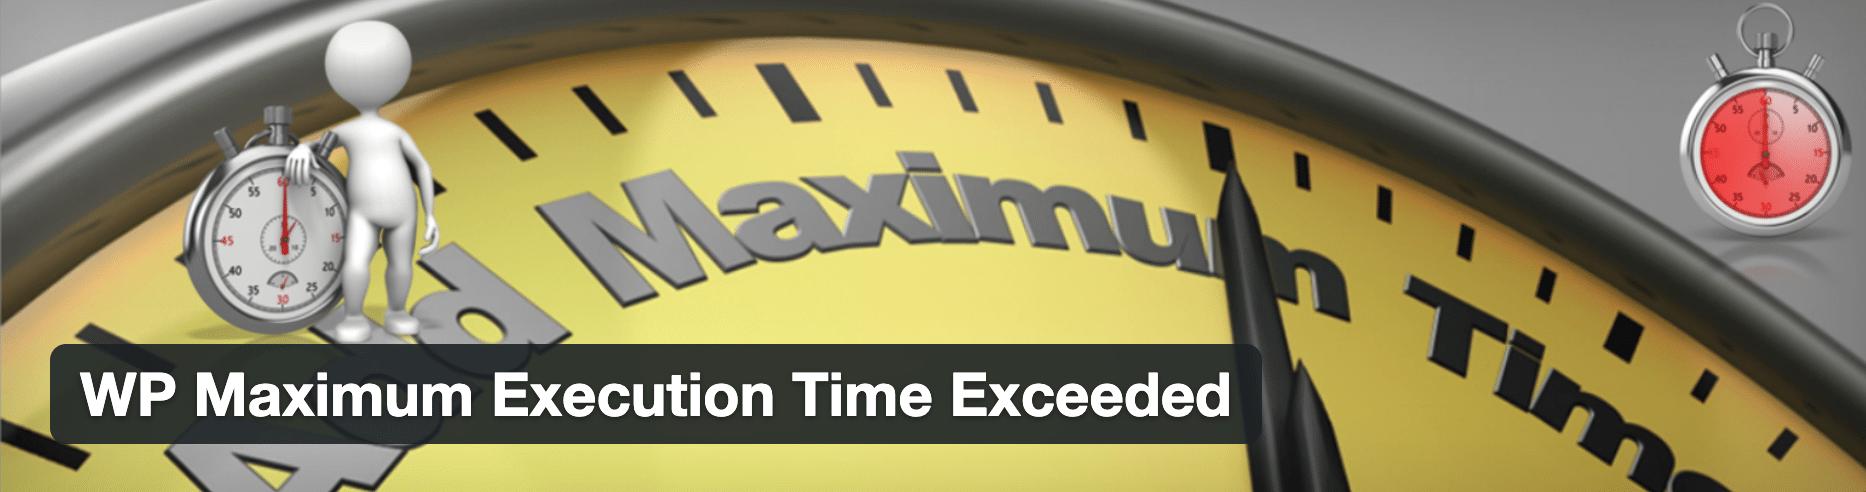 La extensión excede el tiempo máximo de WP